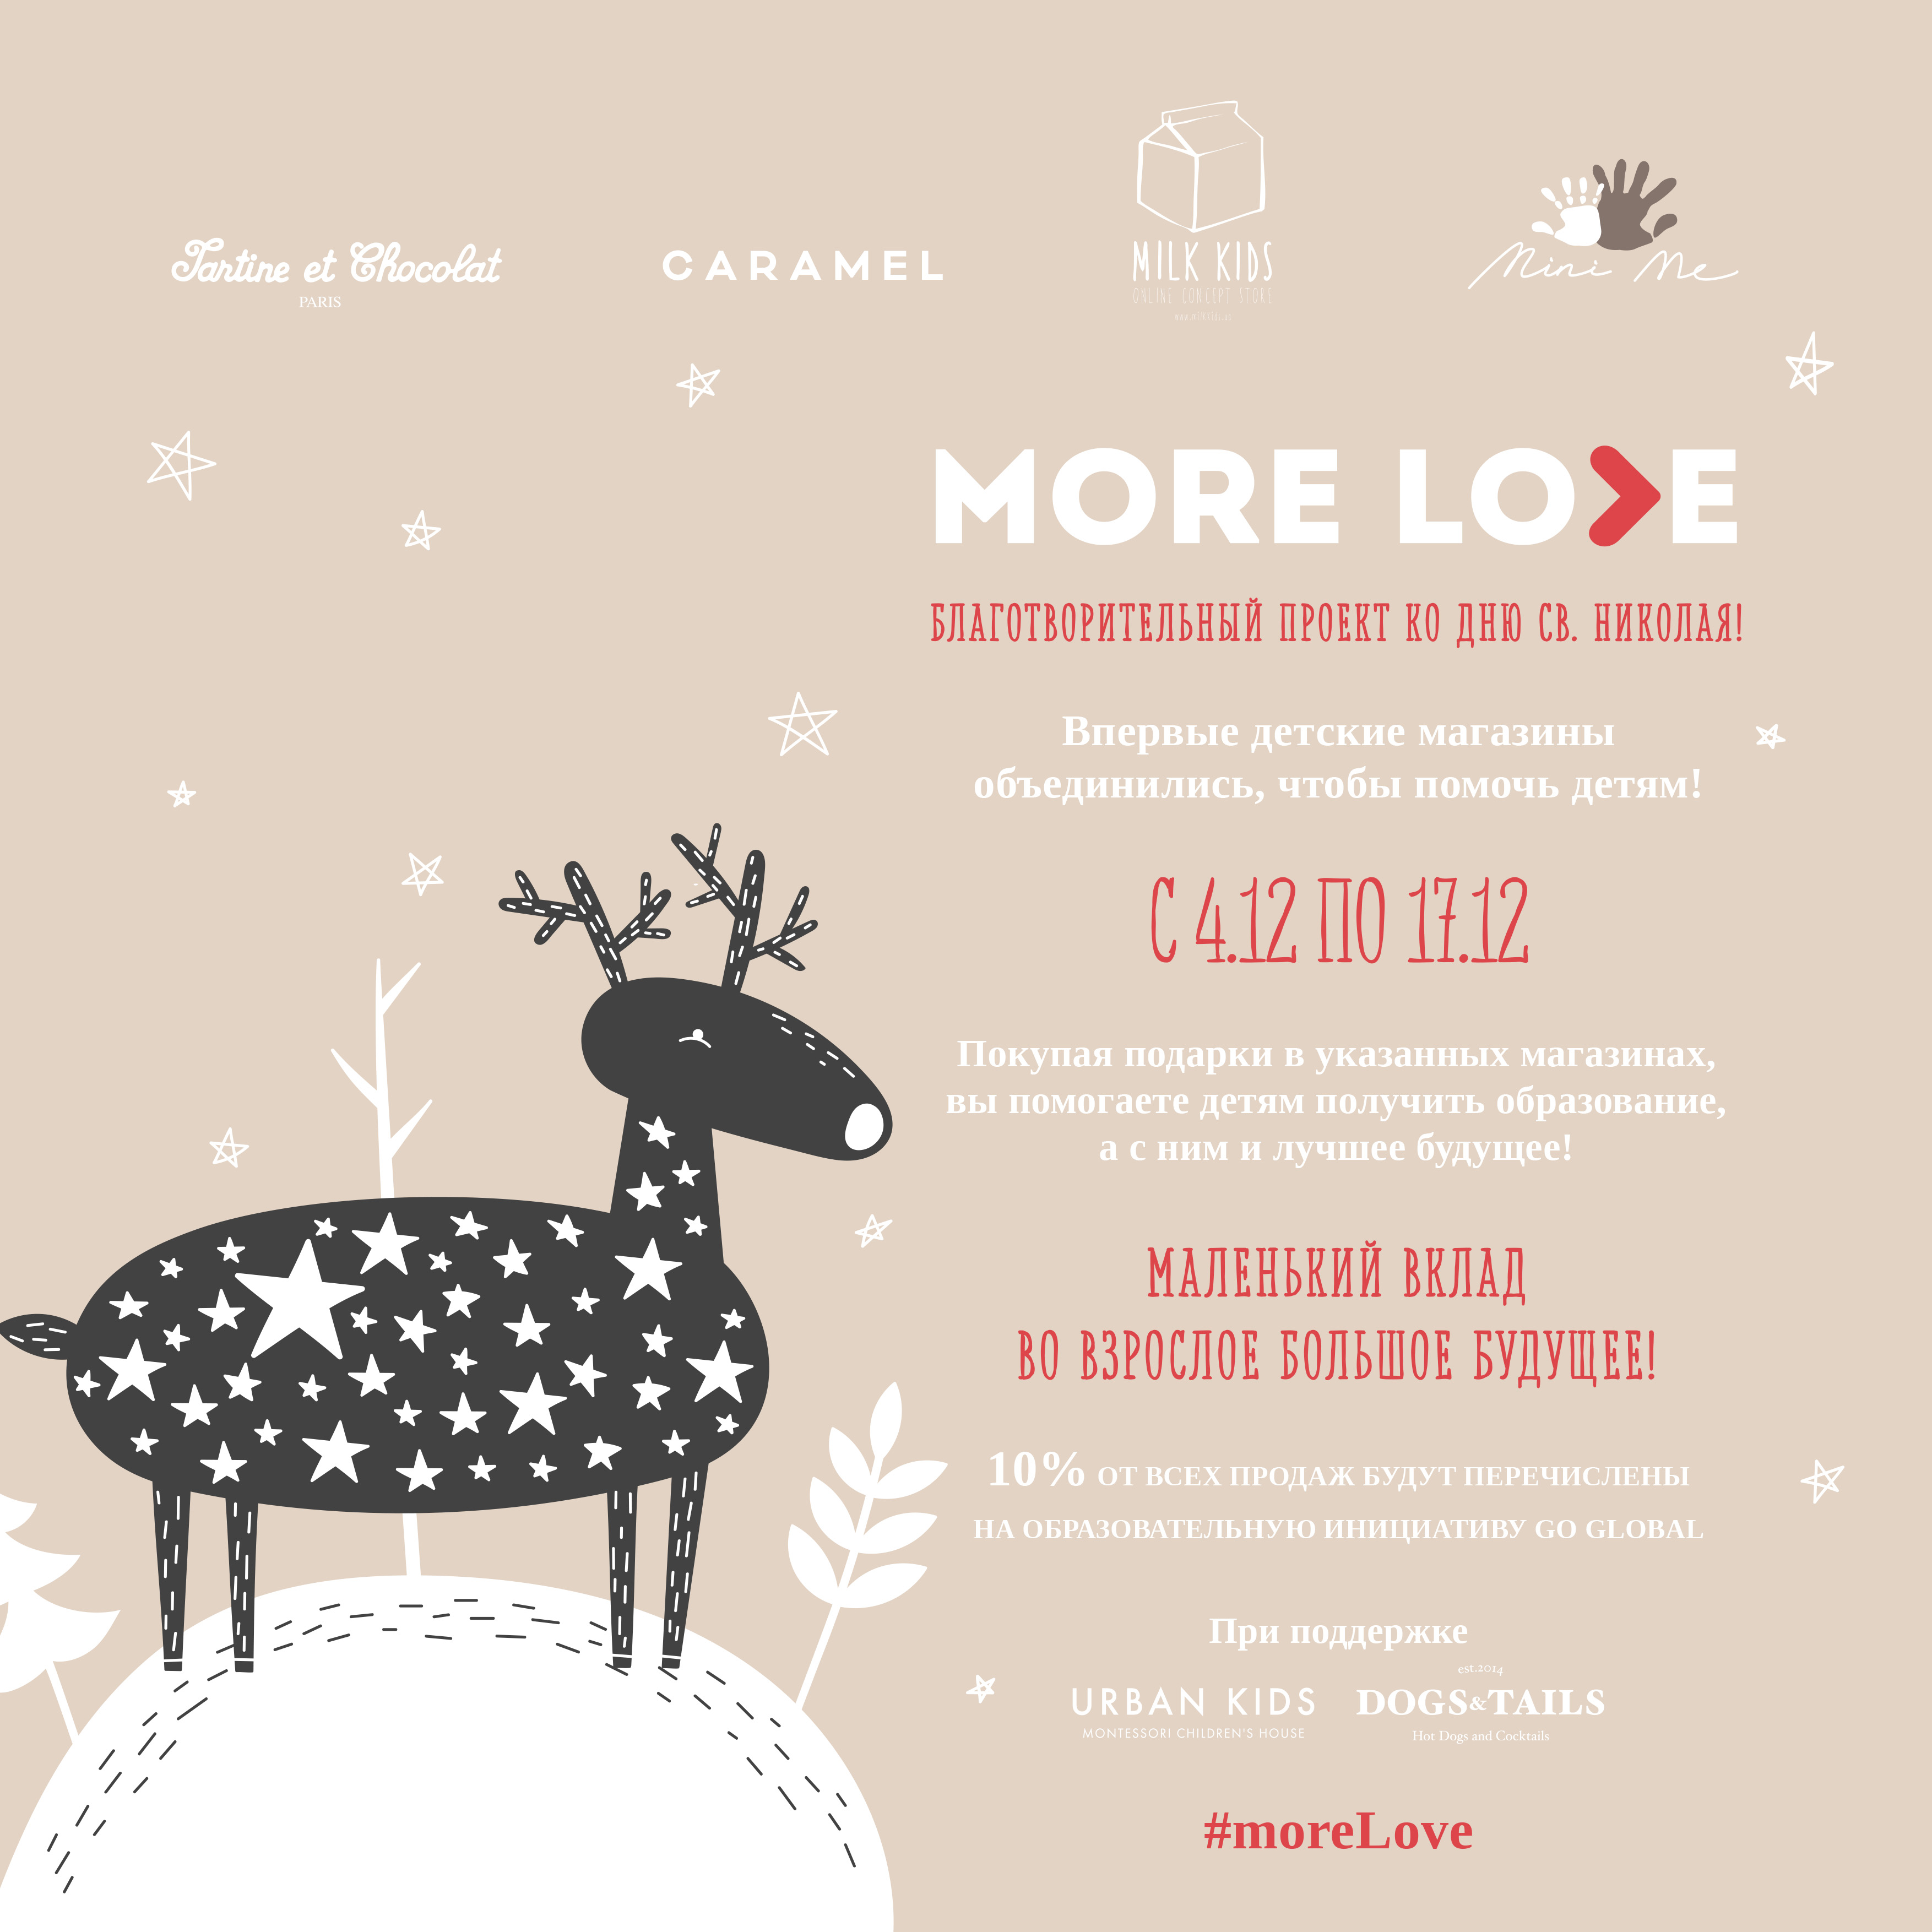 MORE_LOVE-artwork-Final-max (1)